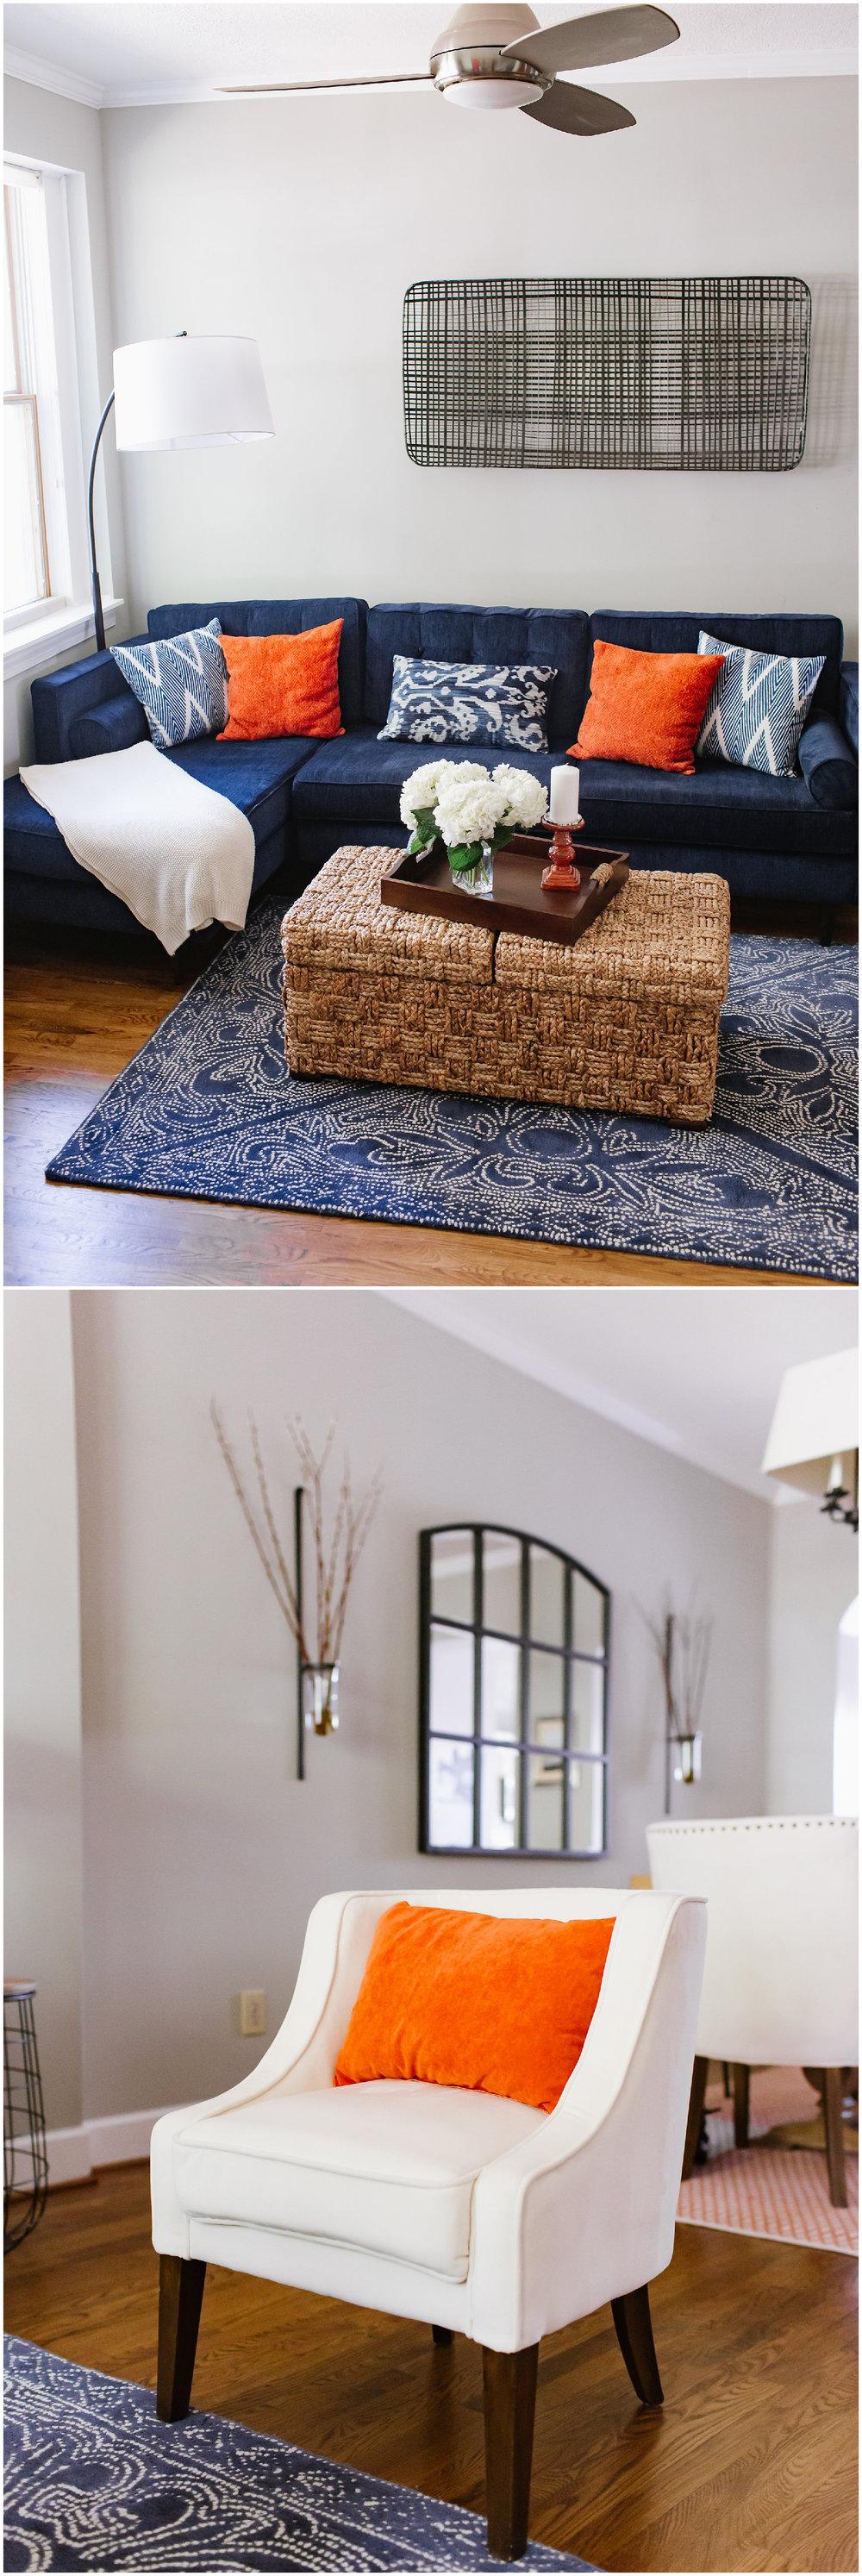 5-interior-living-room.jpg